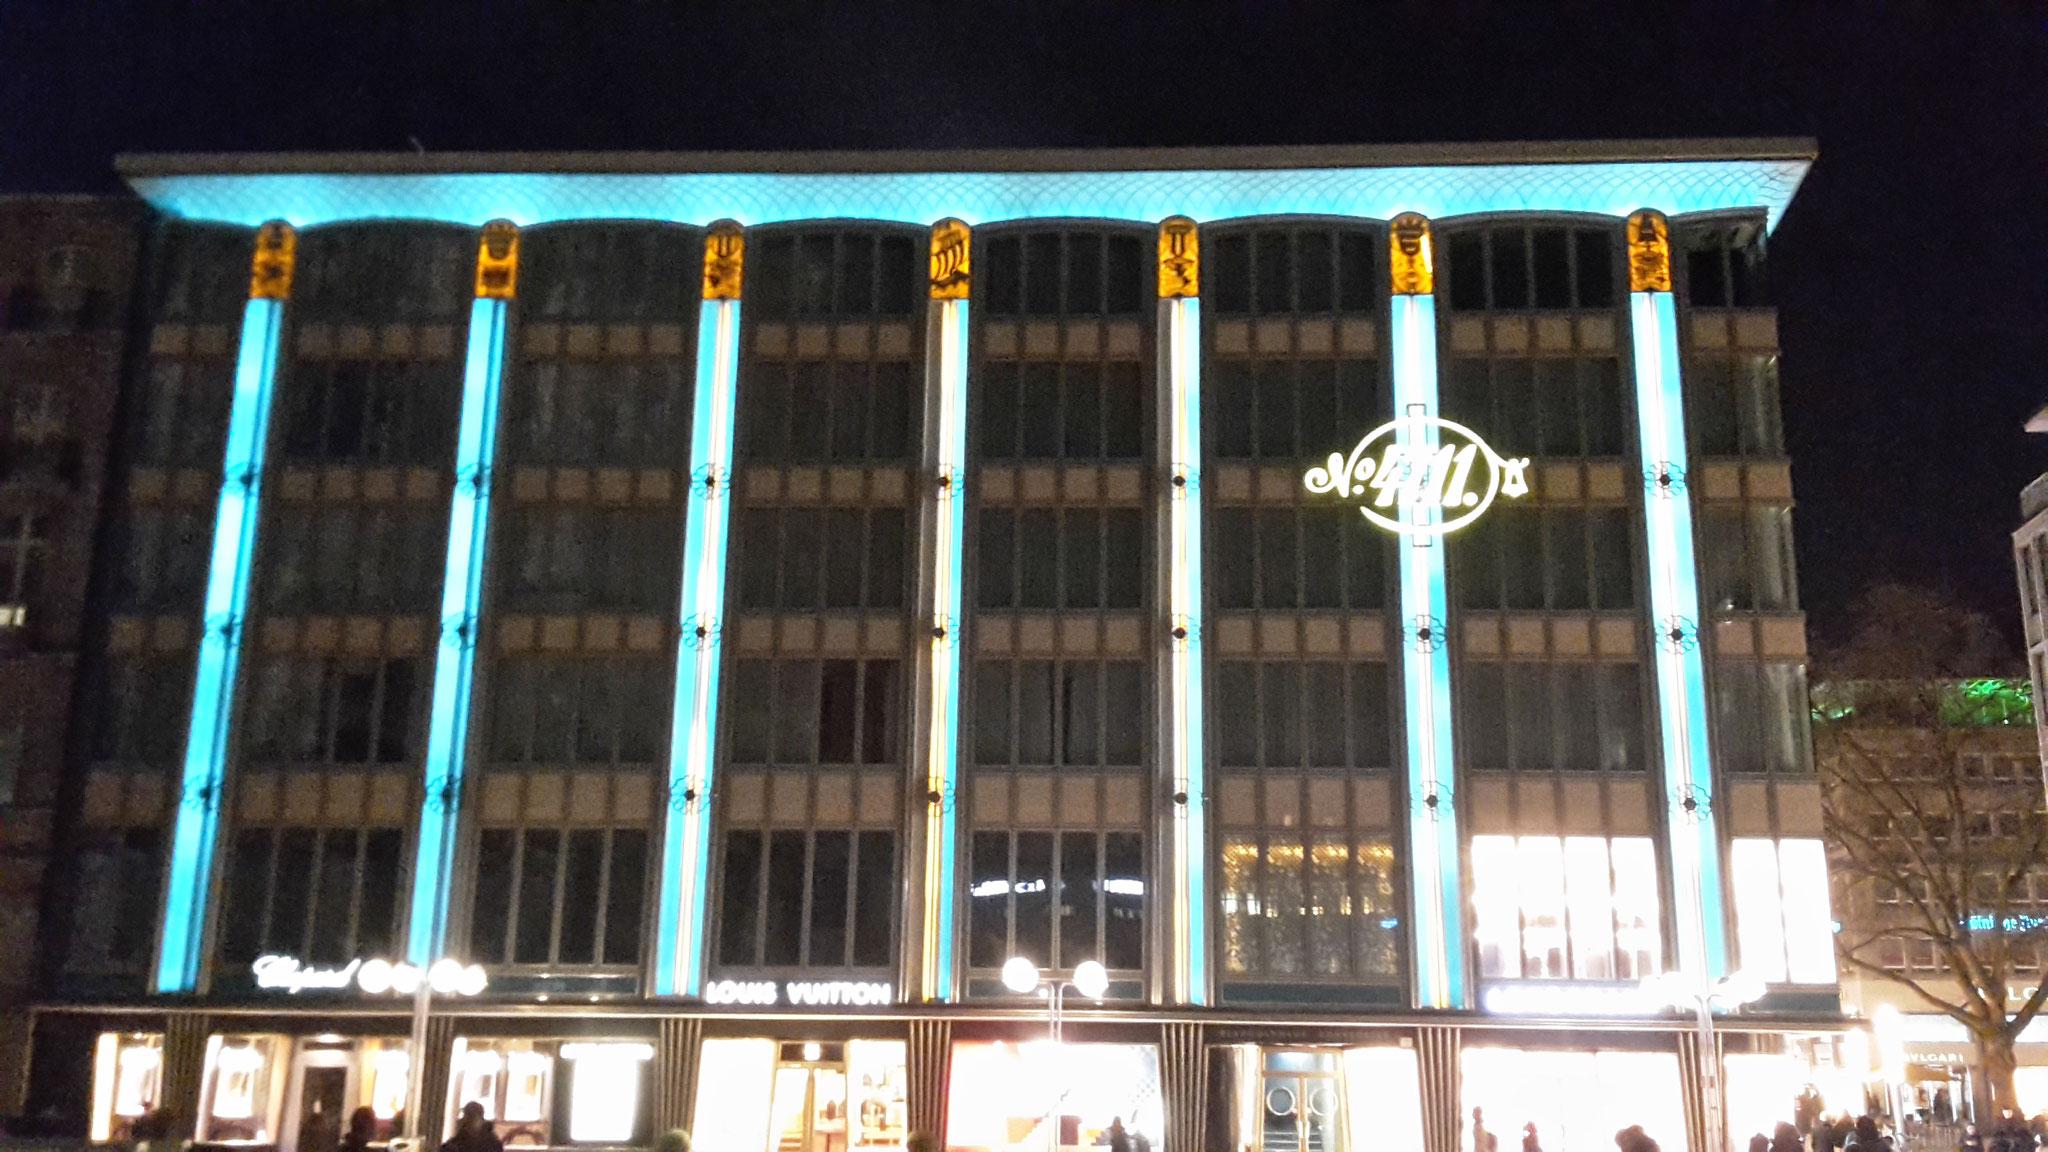 Führung Köln 50er/60er-Jahre - Blau-Gold-Haus (1952), ein Meisterwerk - bei Nacht, indirekt beleuchtet